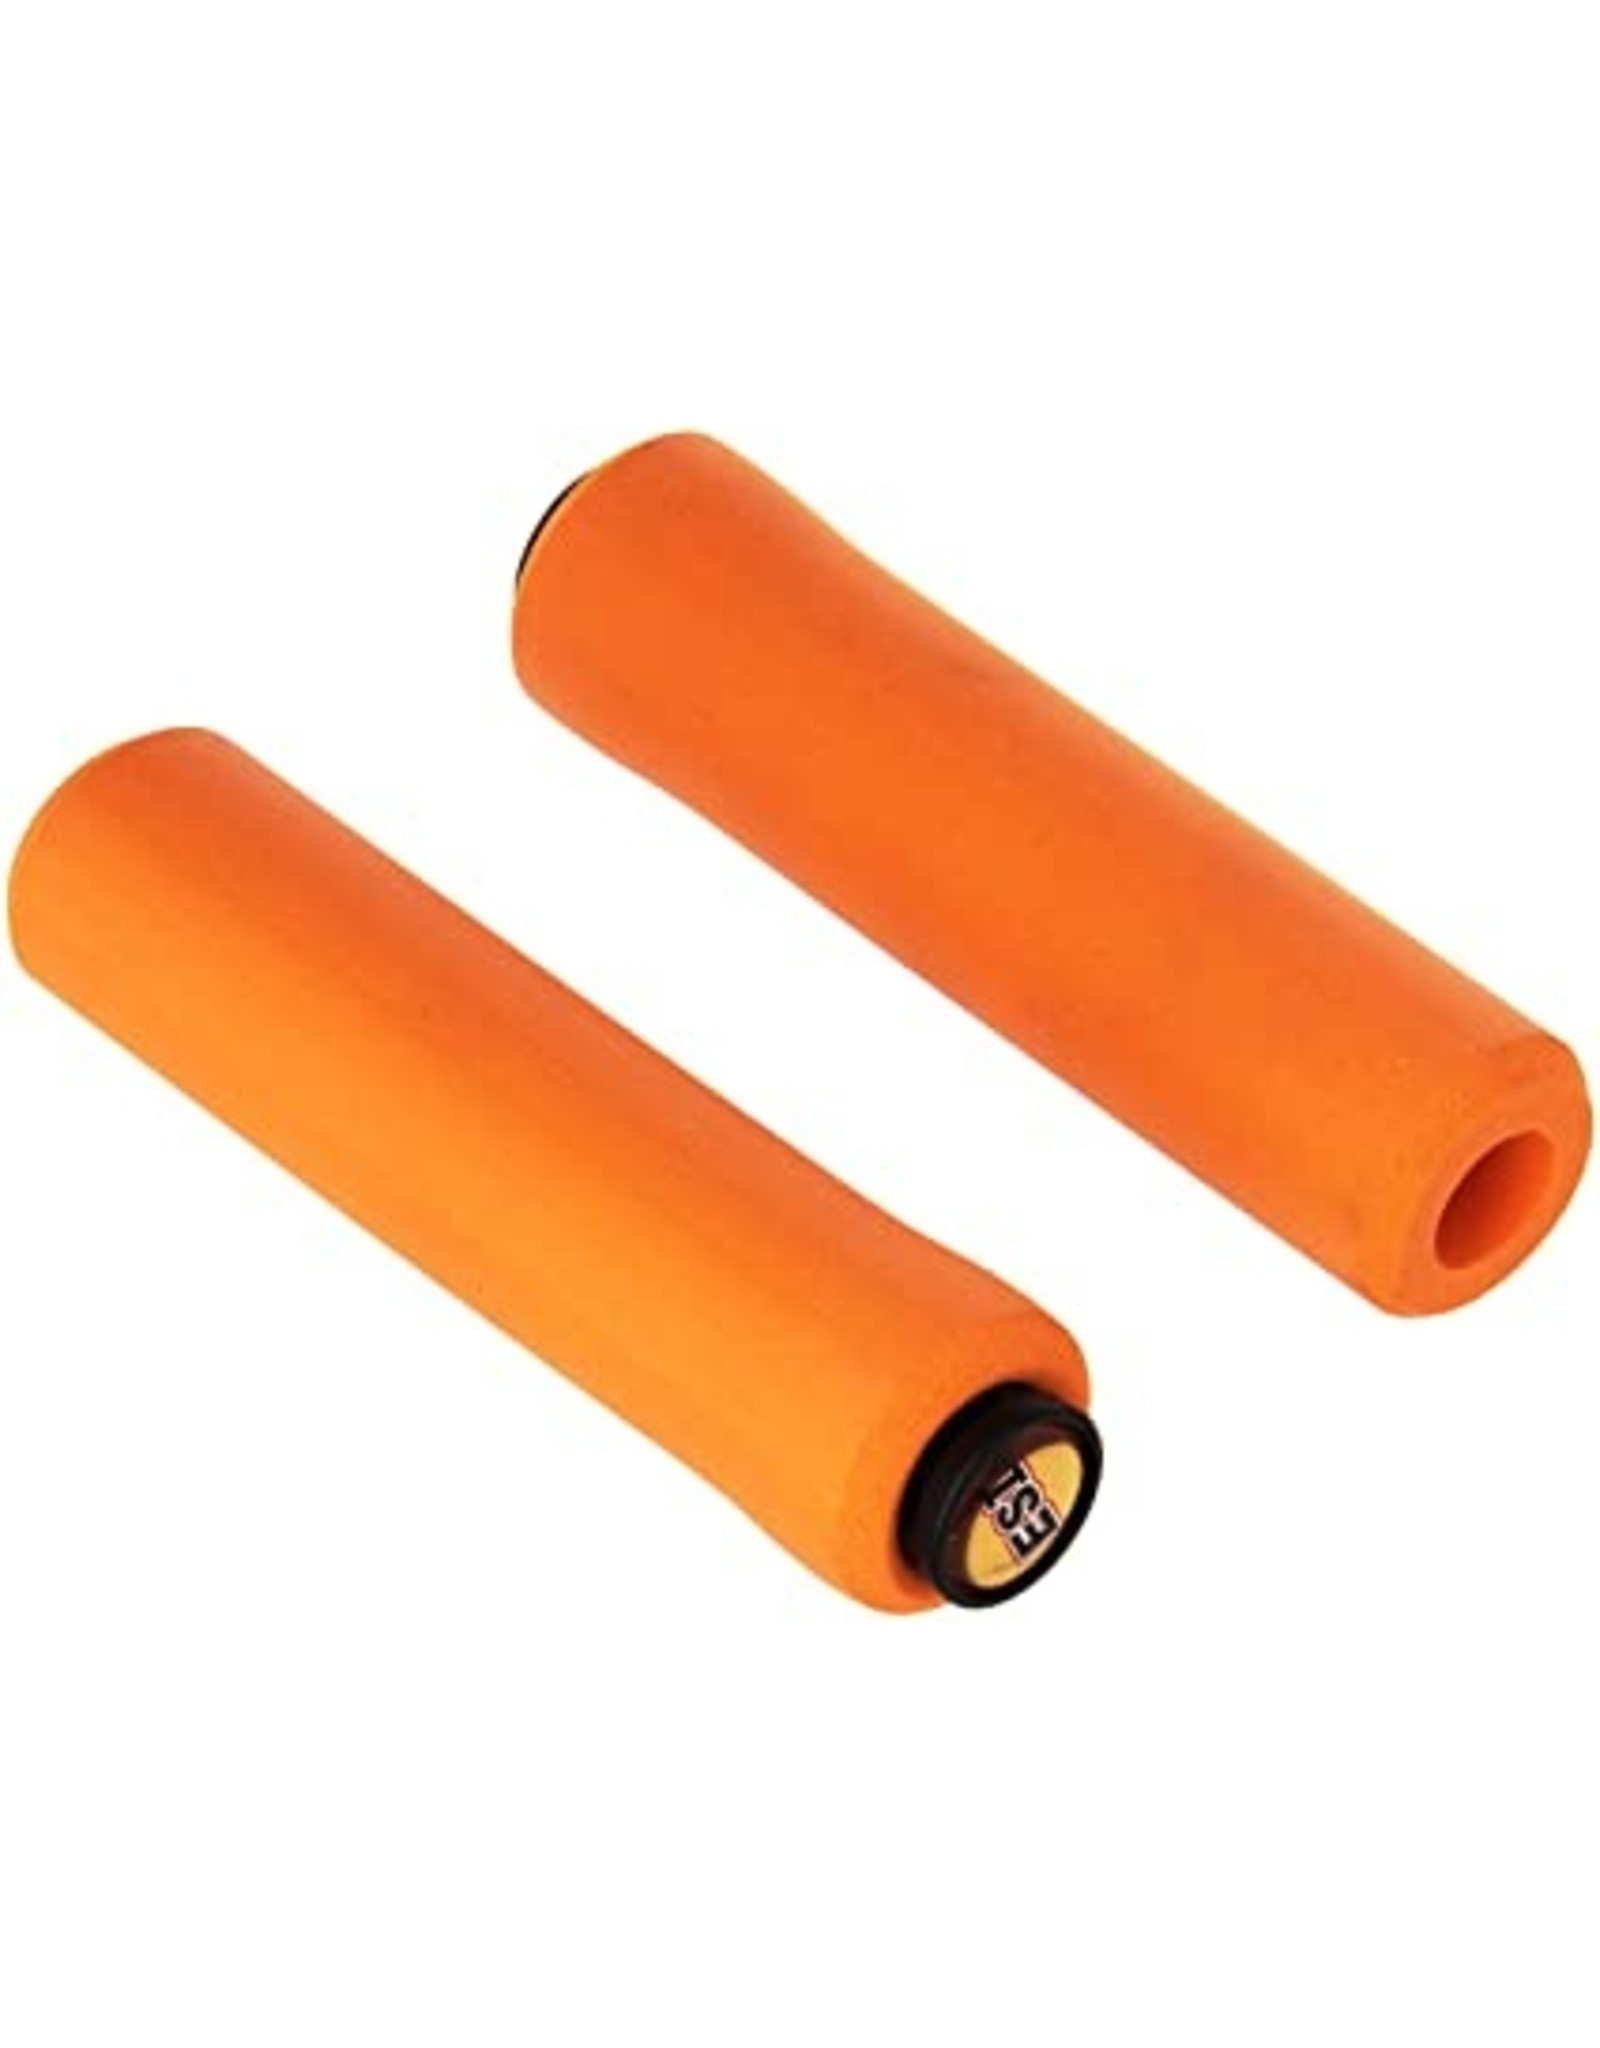 ESI ESI Extra Chunky Grips - Orange